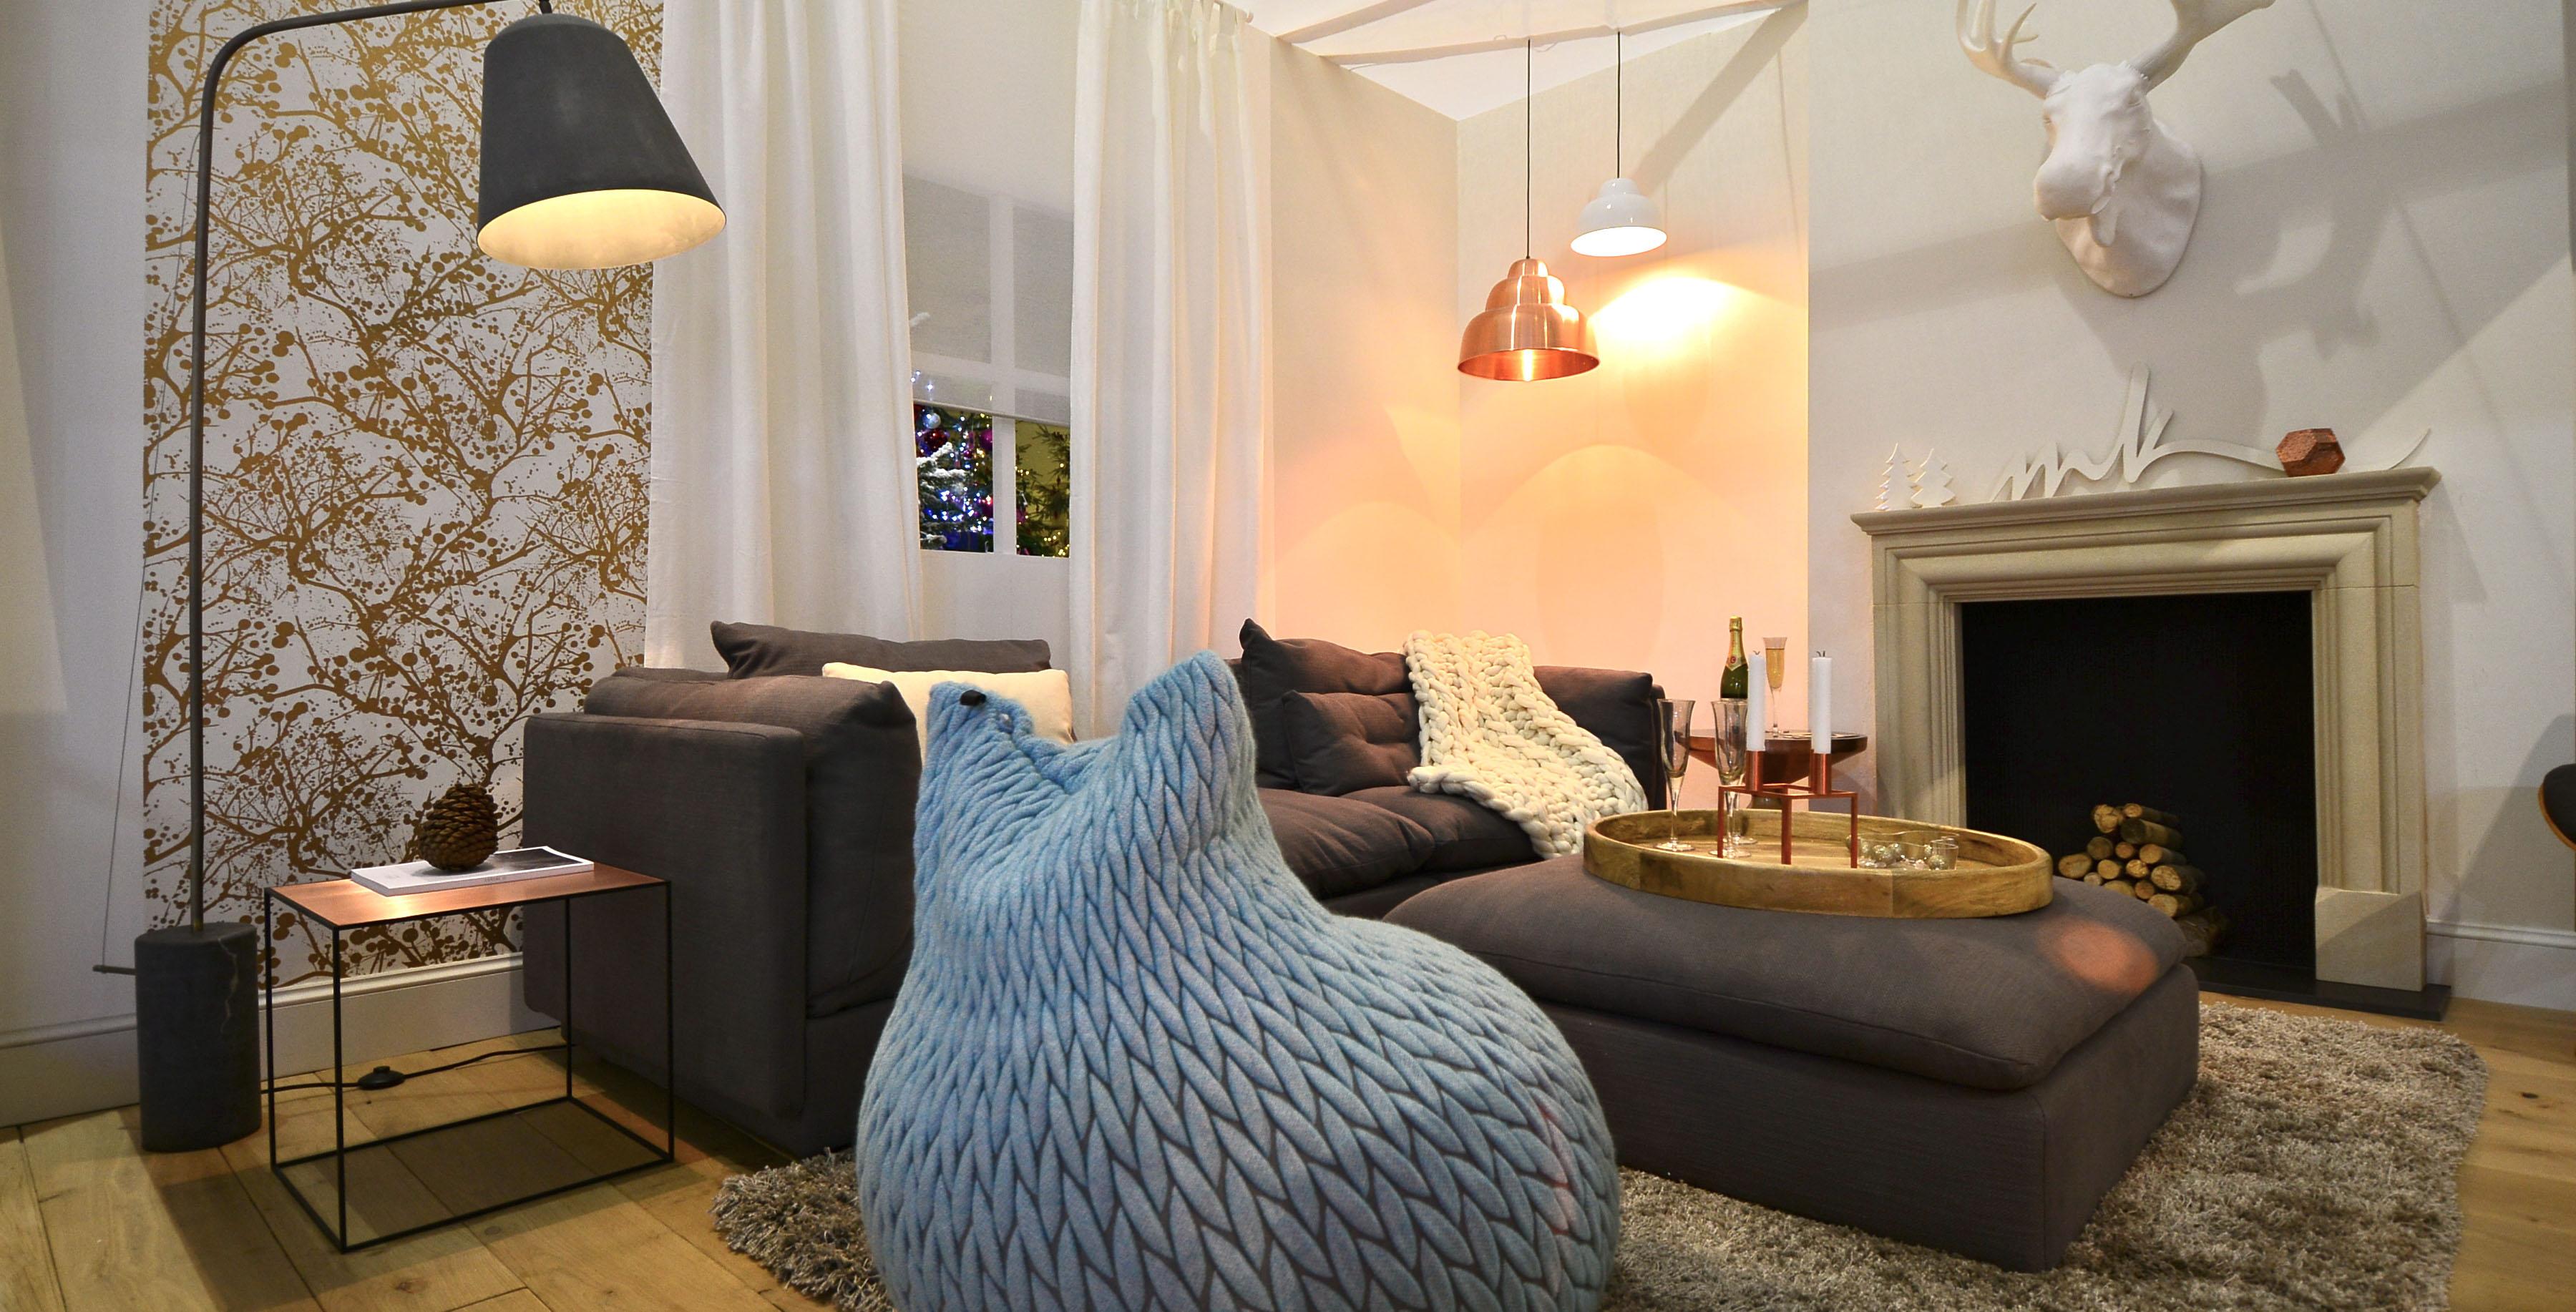 MK-Design-Living-Room-Decor-Ideas